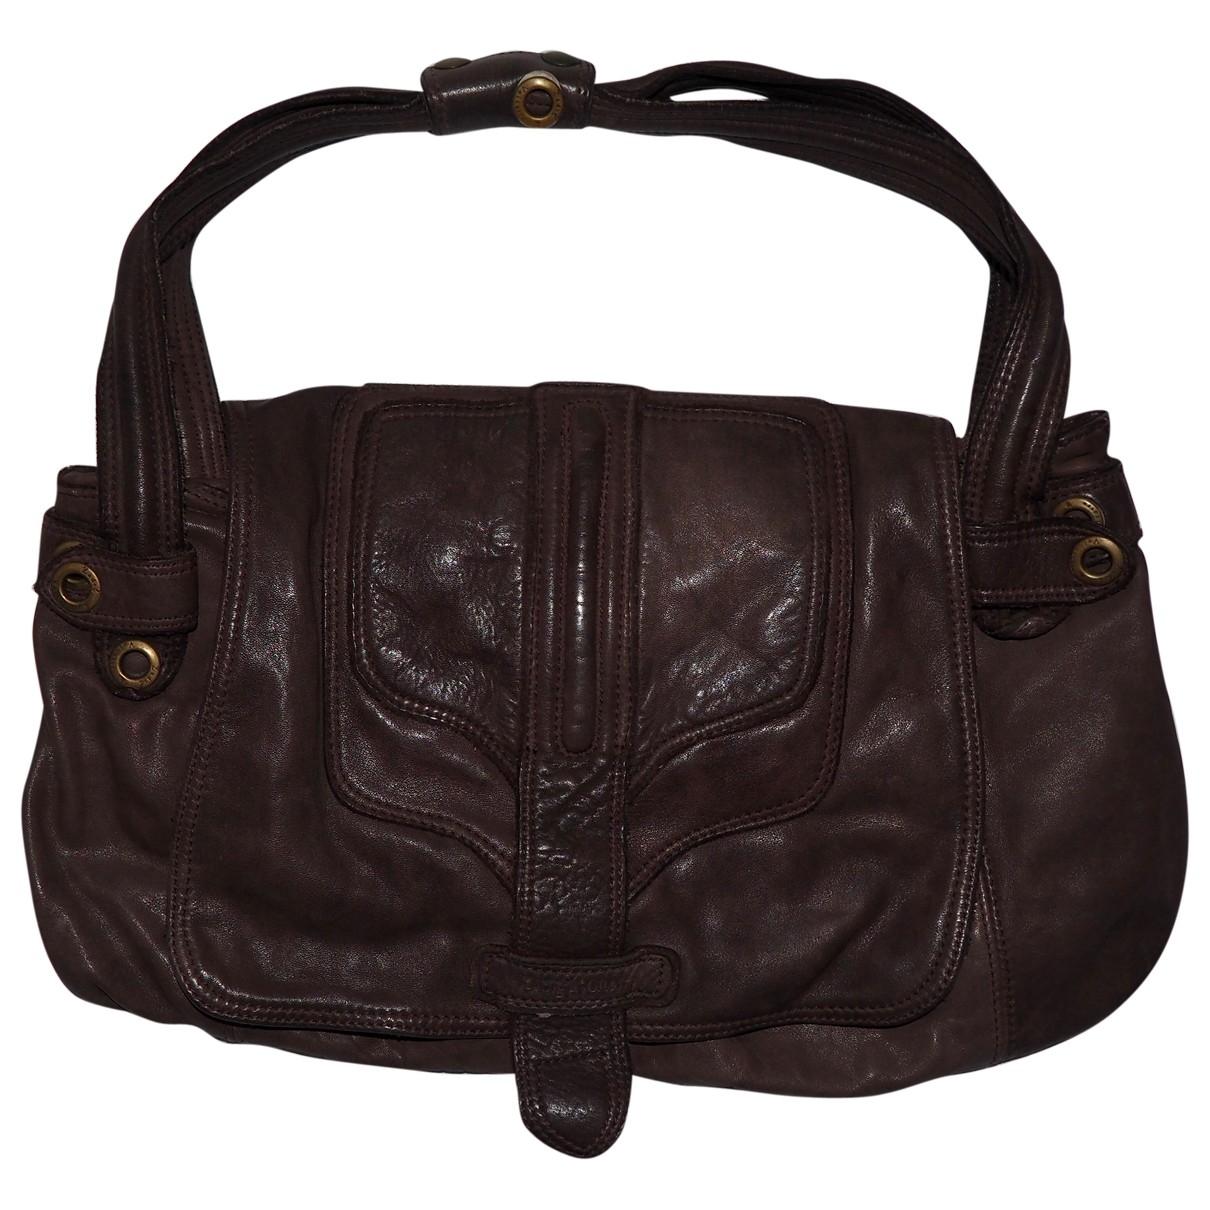 Zadig & Voltaire - Sac a main   pour femme en cuir - marron